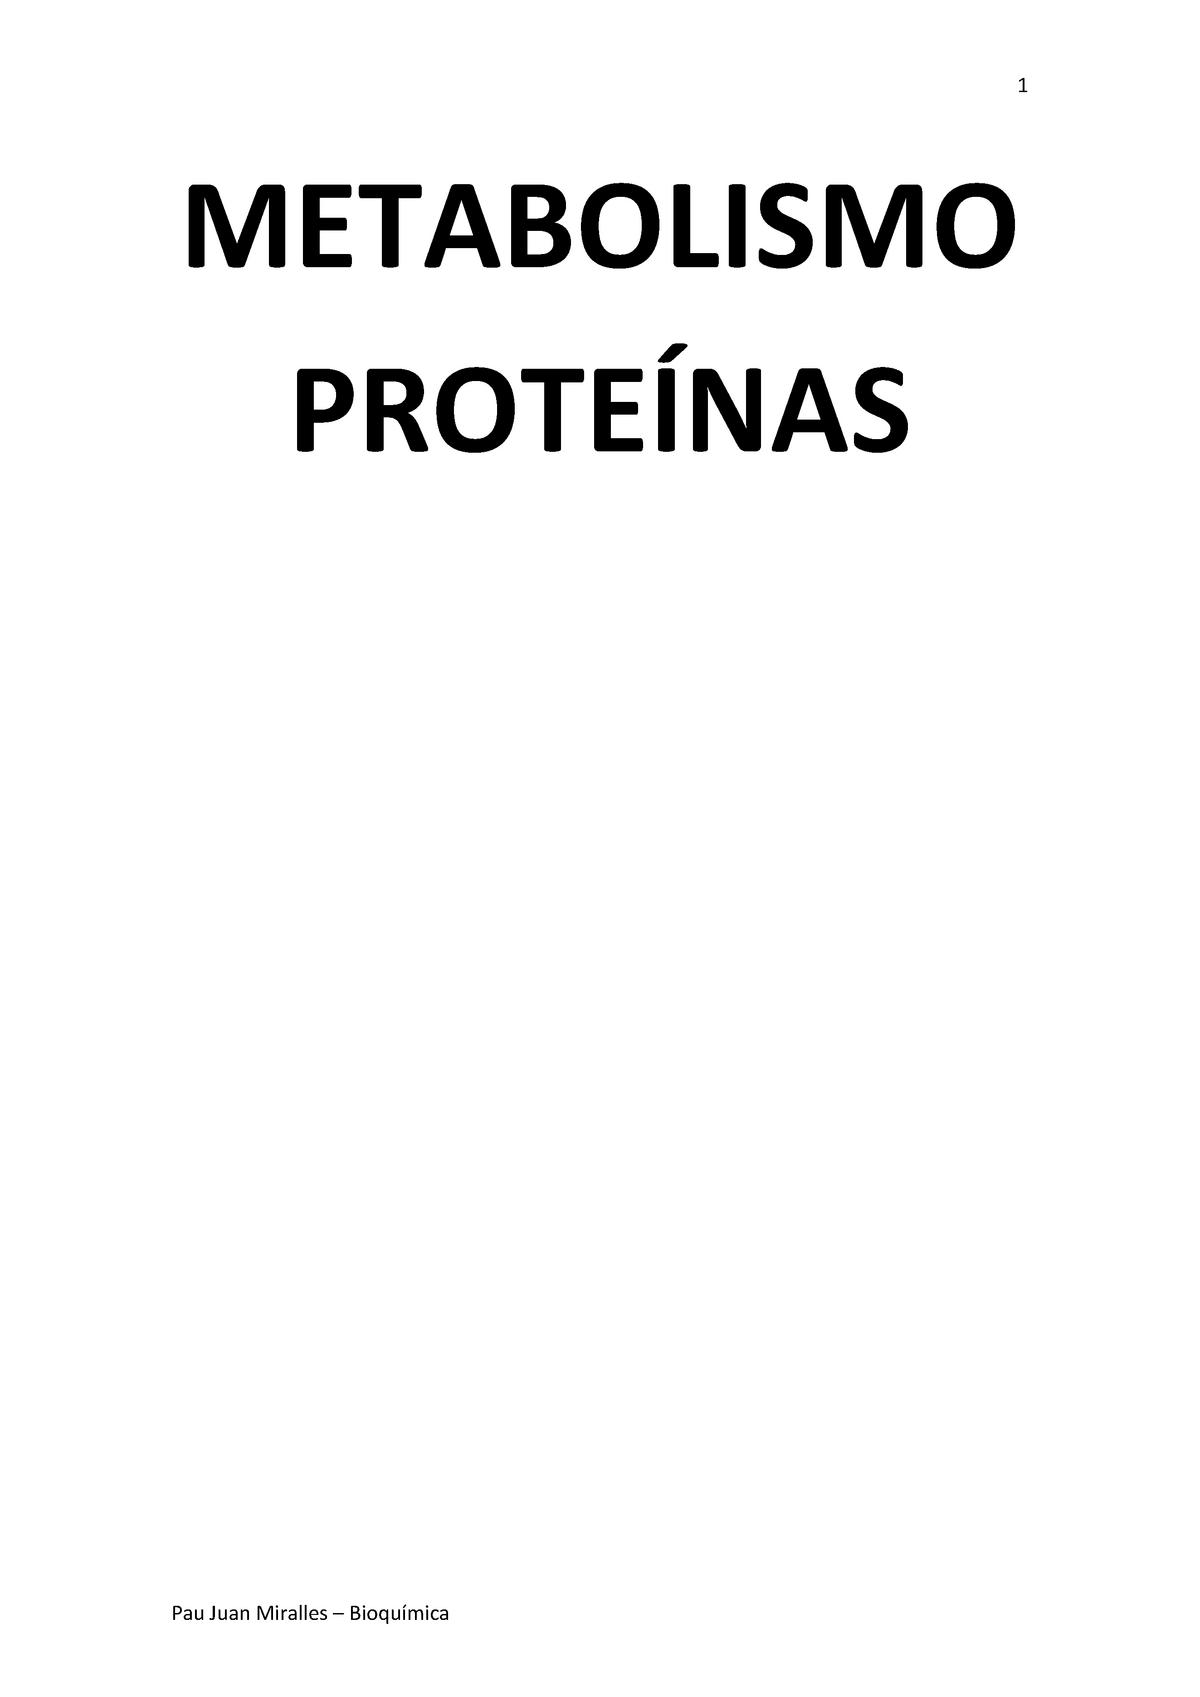 ¿Por dónde empezar con metabolismo acelerado nutrición y dietas?